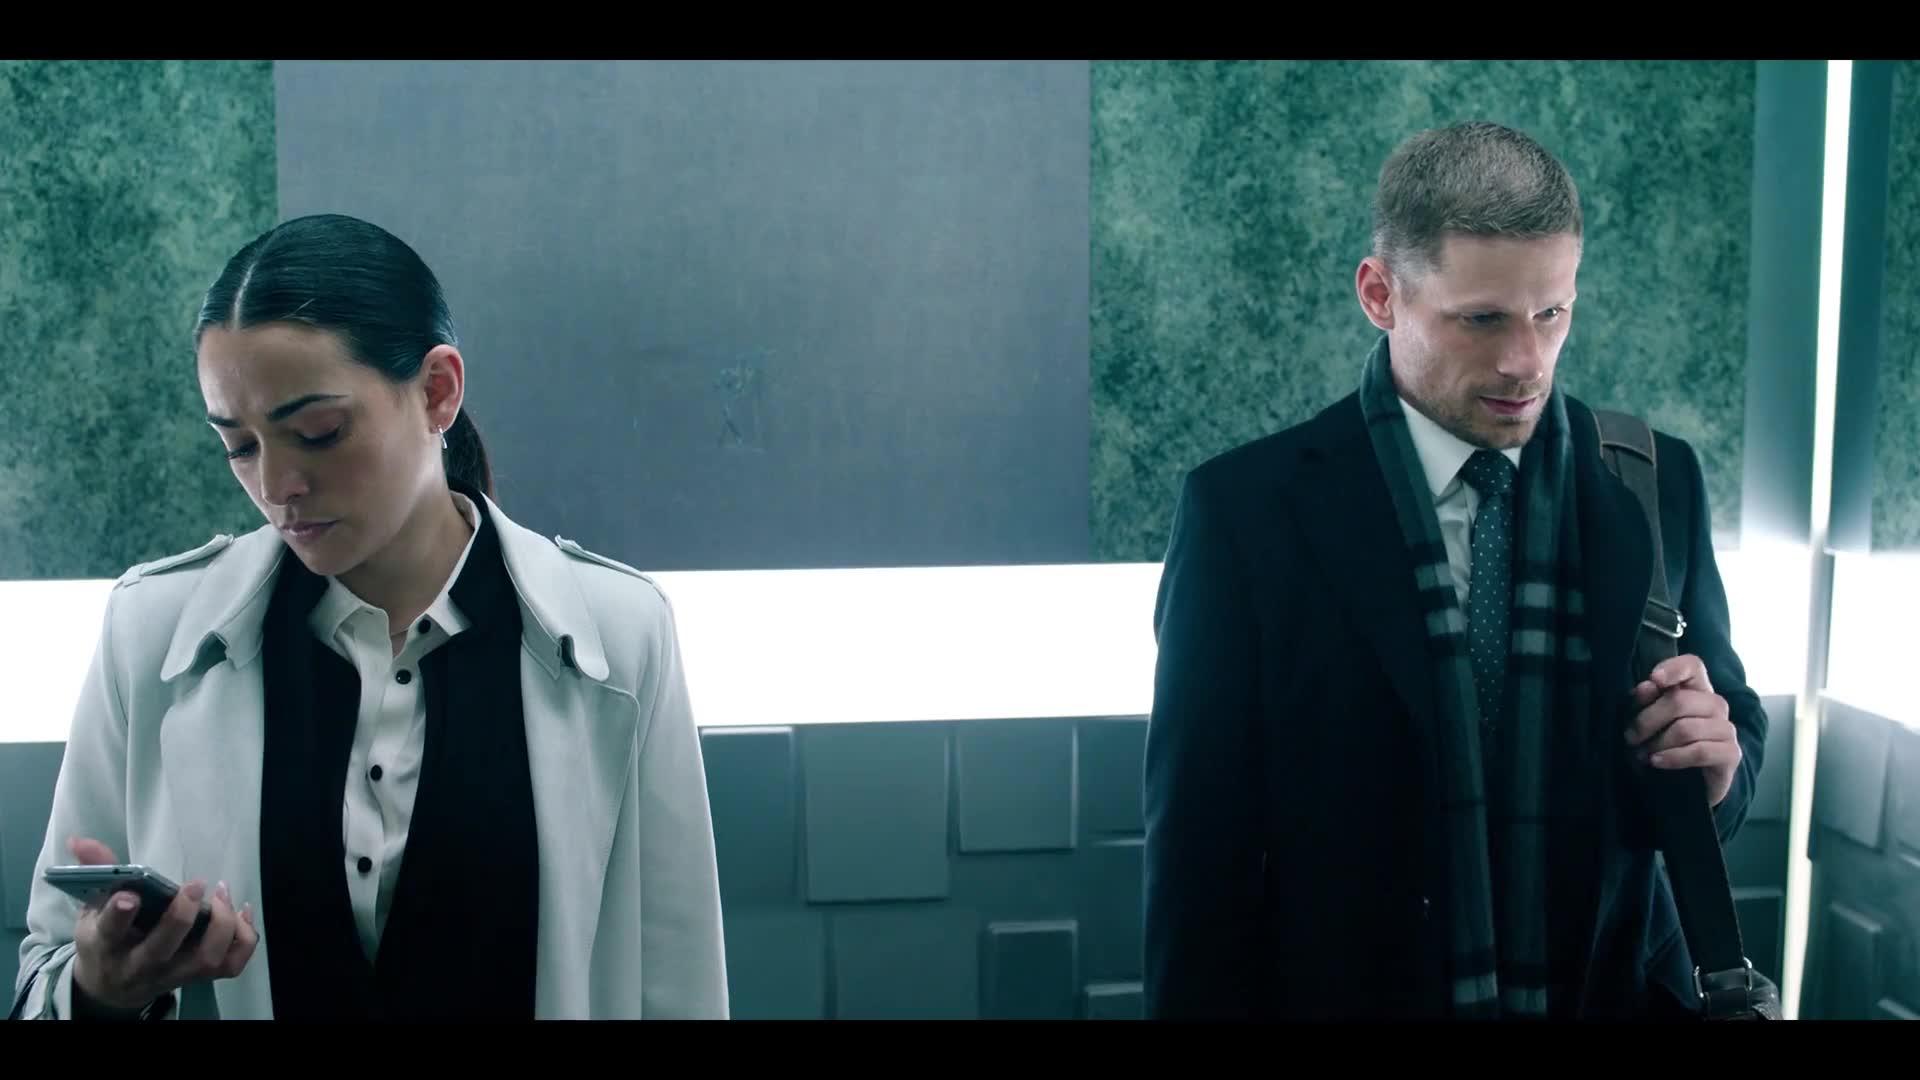 一趟电梯,男女主就已相识、相恋、相杀,老外真会玩,密室惊悚片